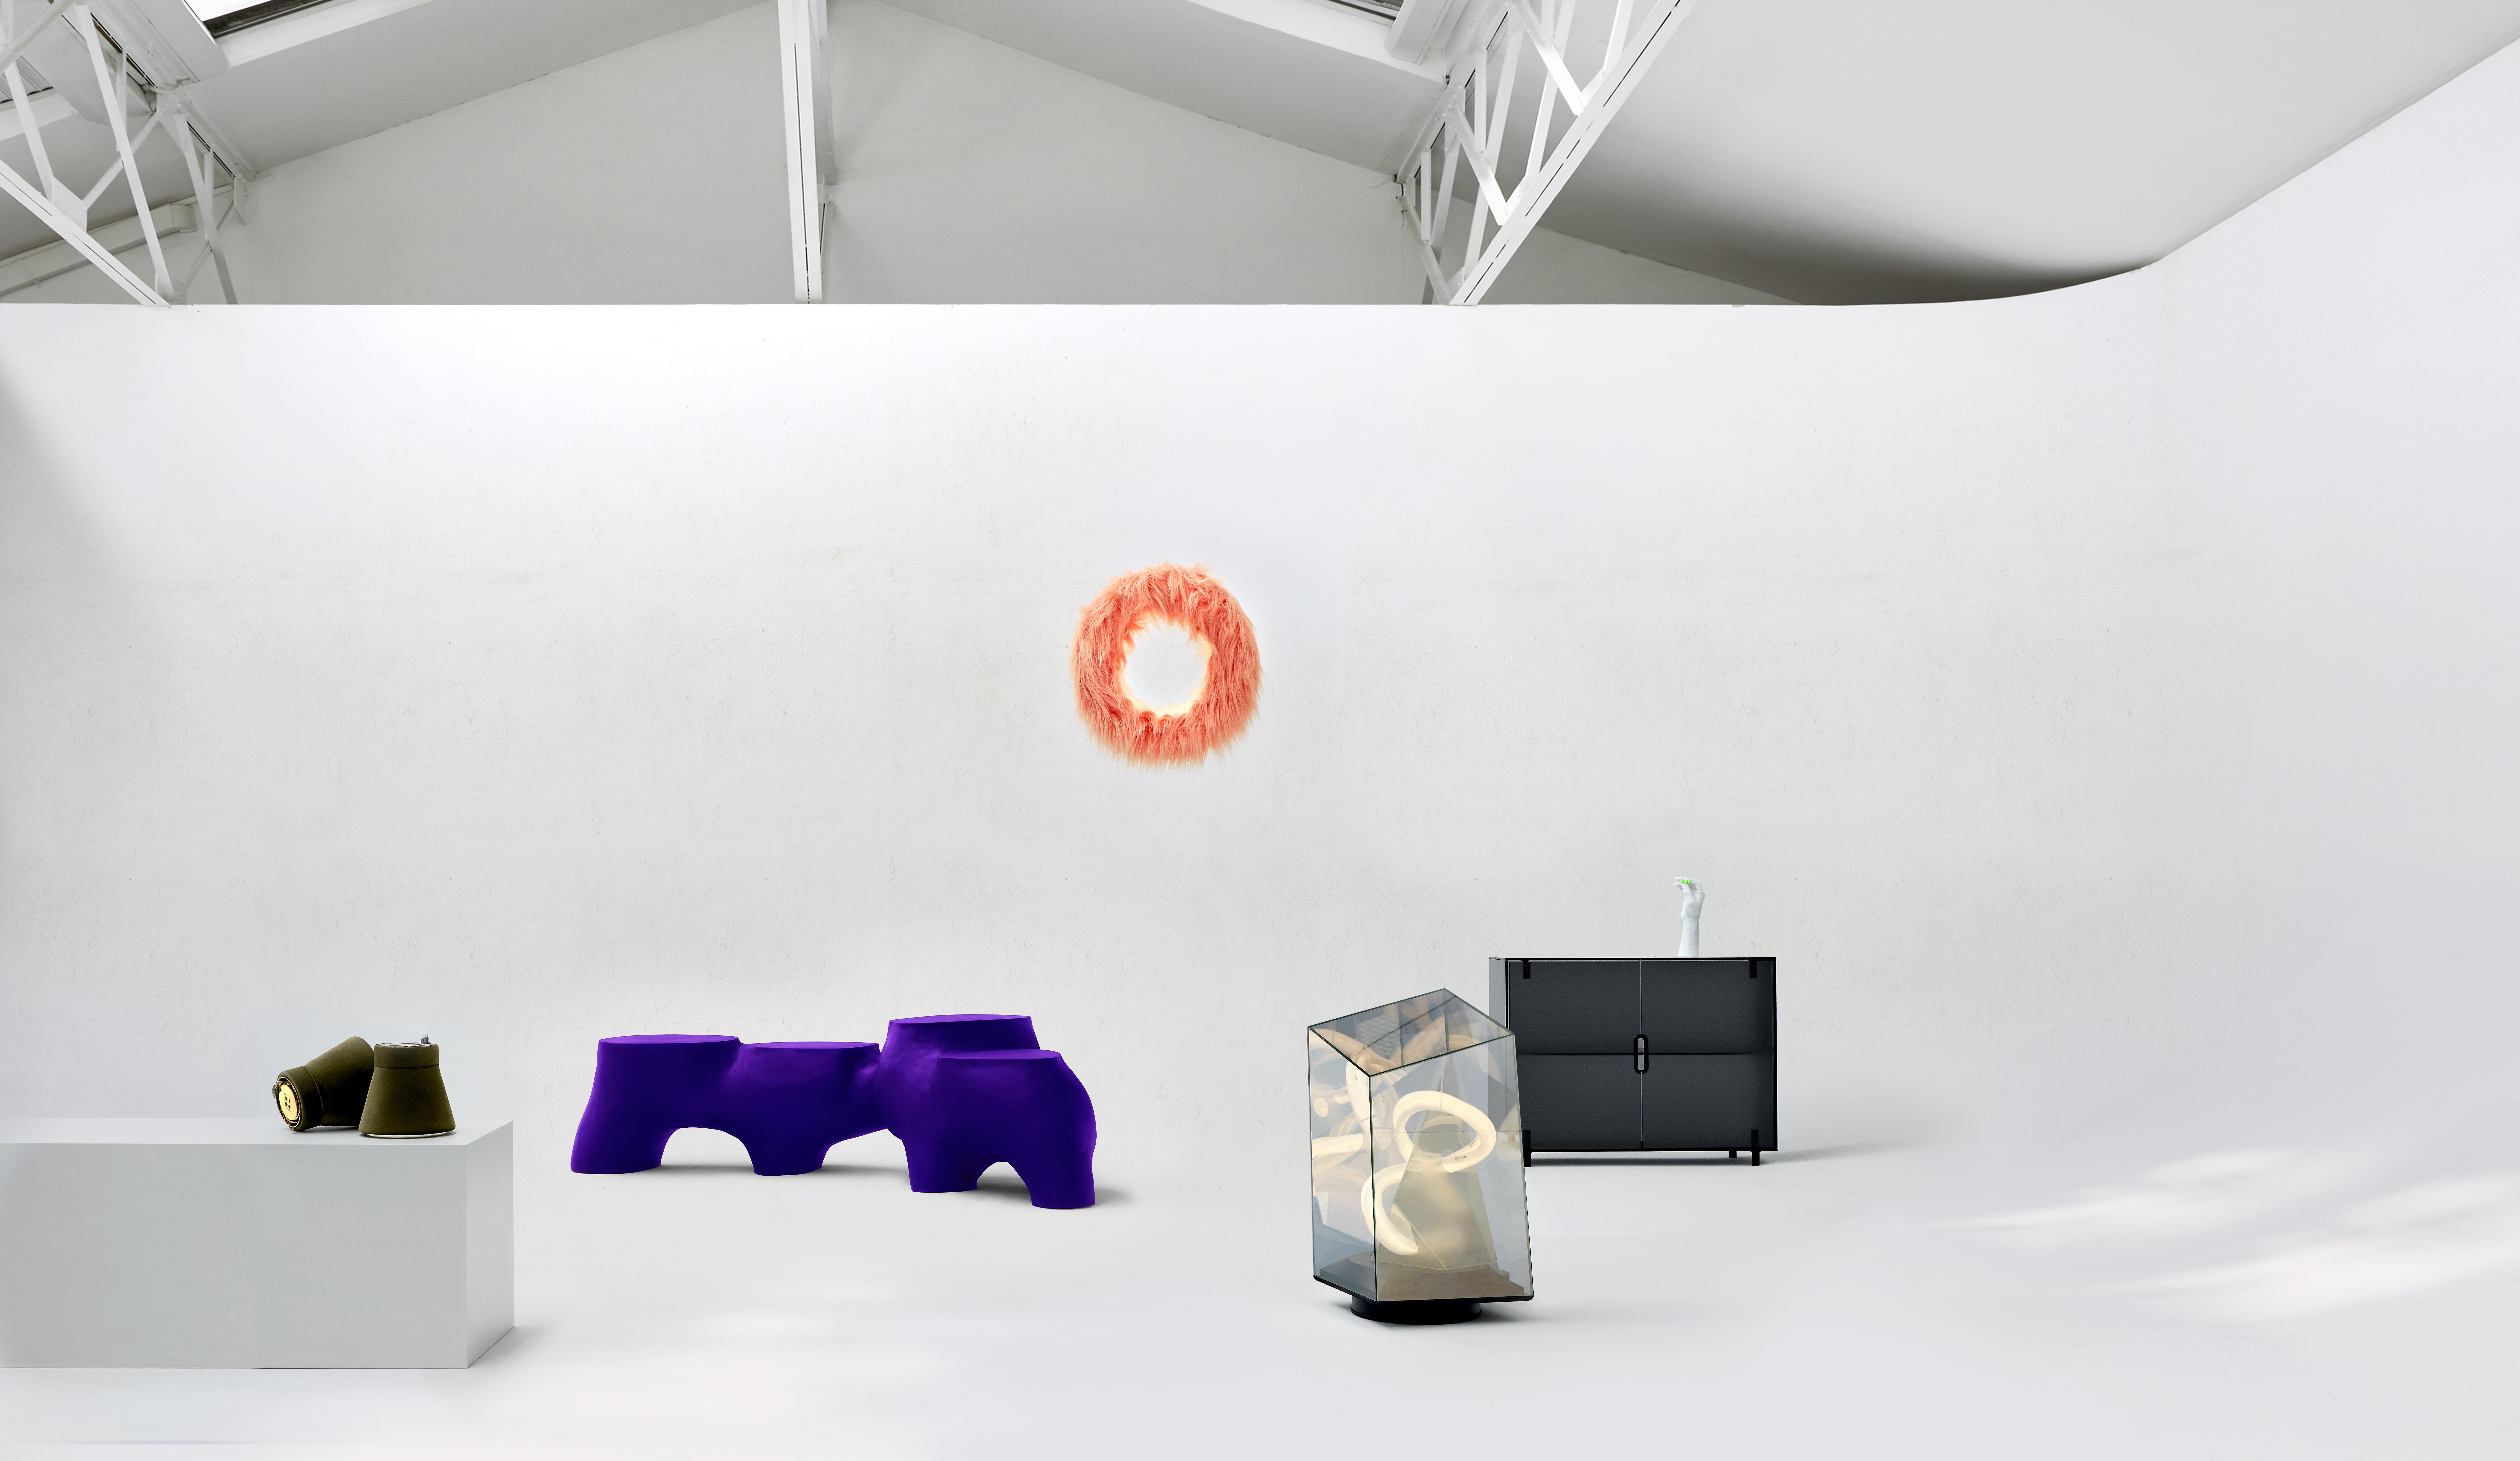 Product design exhibition, Saint-Etienne, Jean-Baptiste Durand.